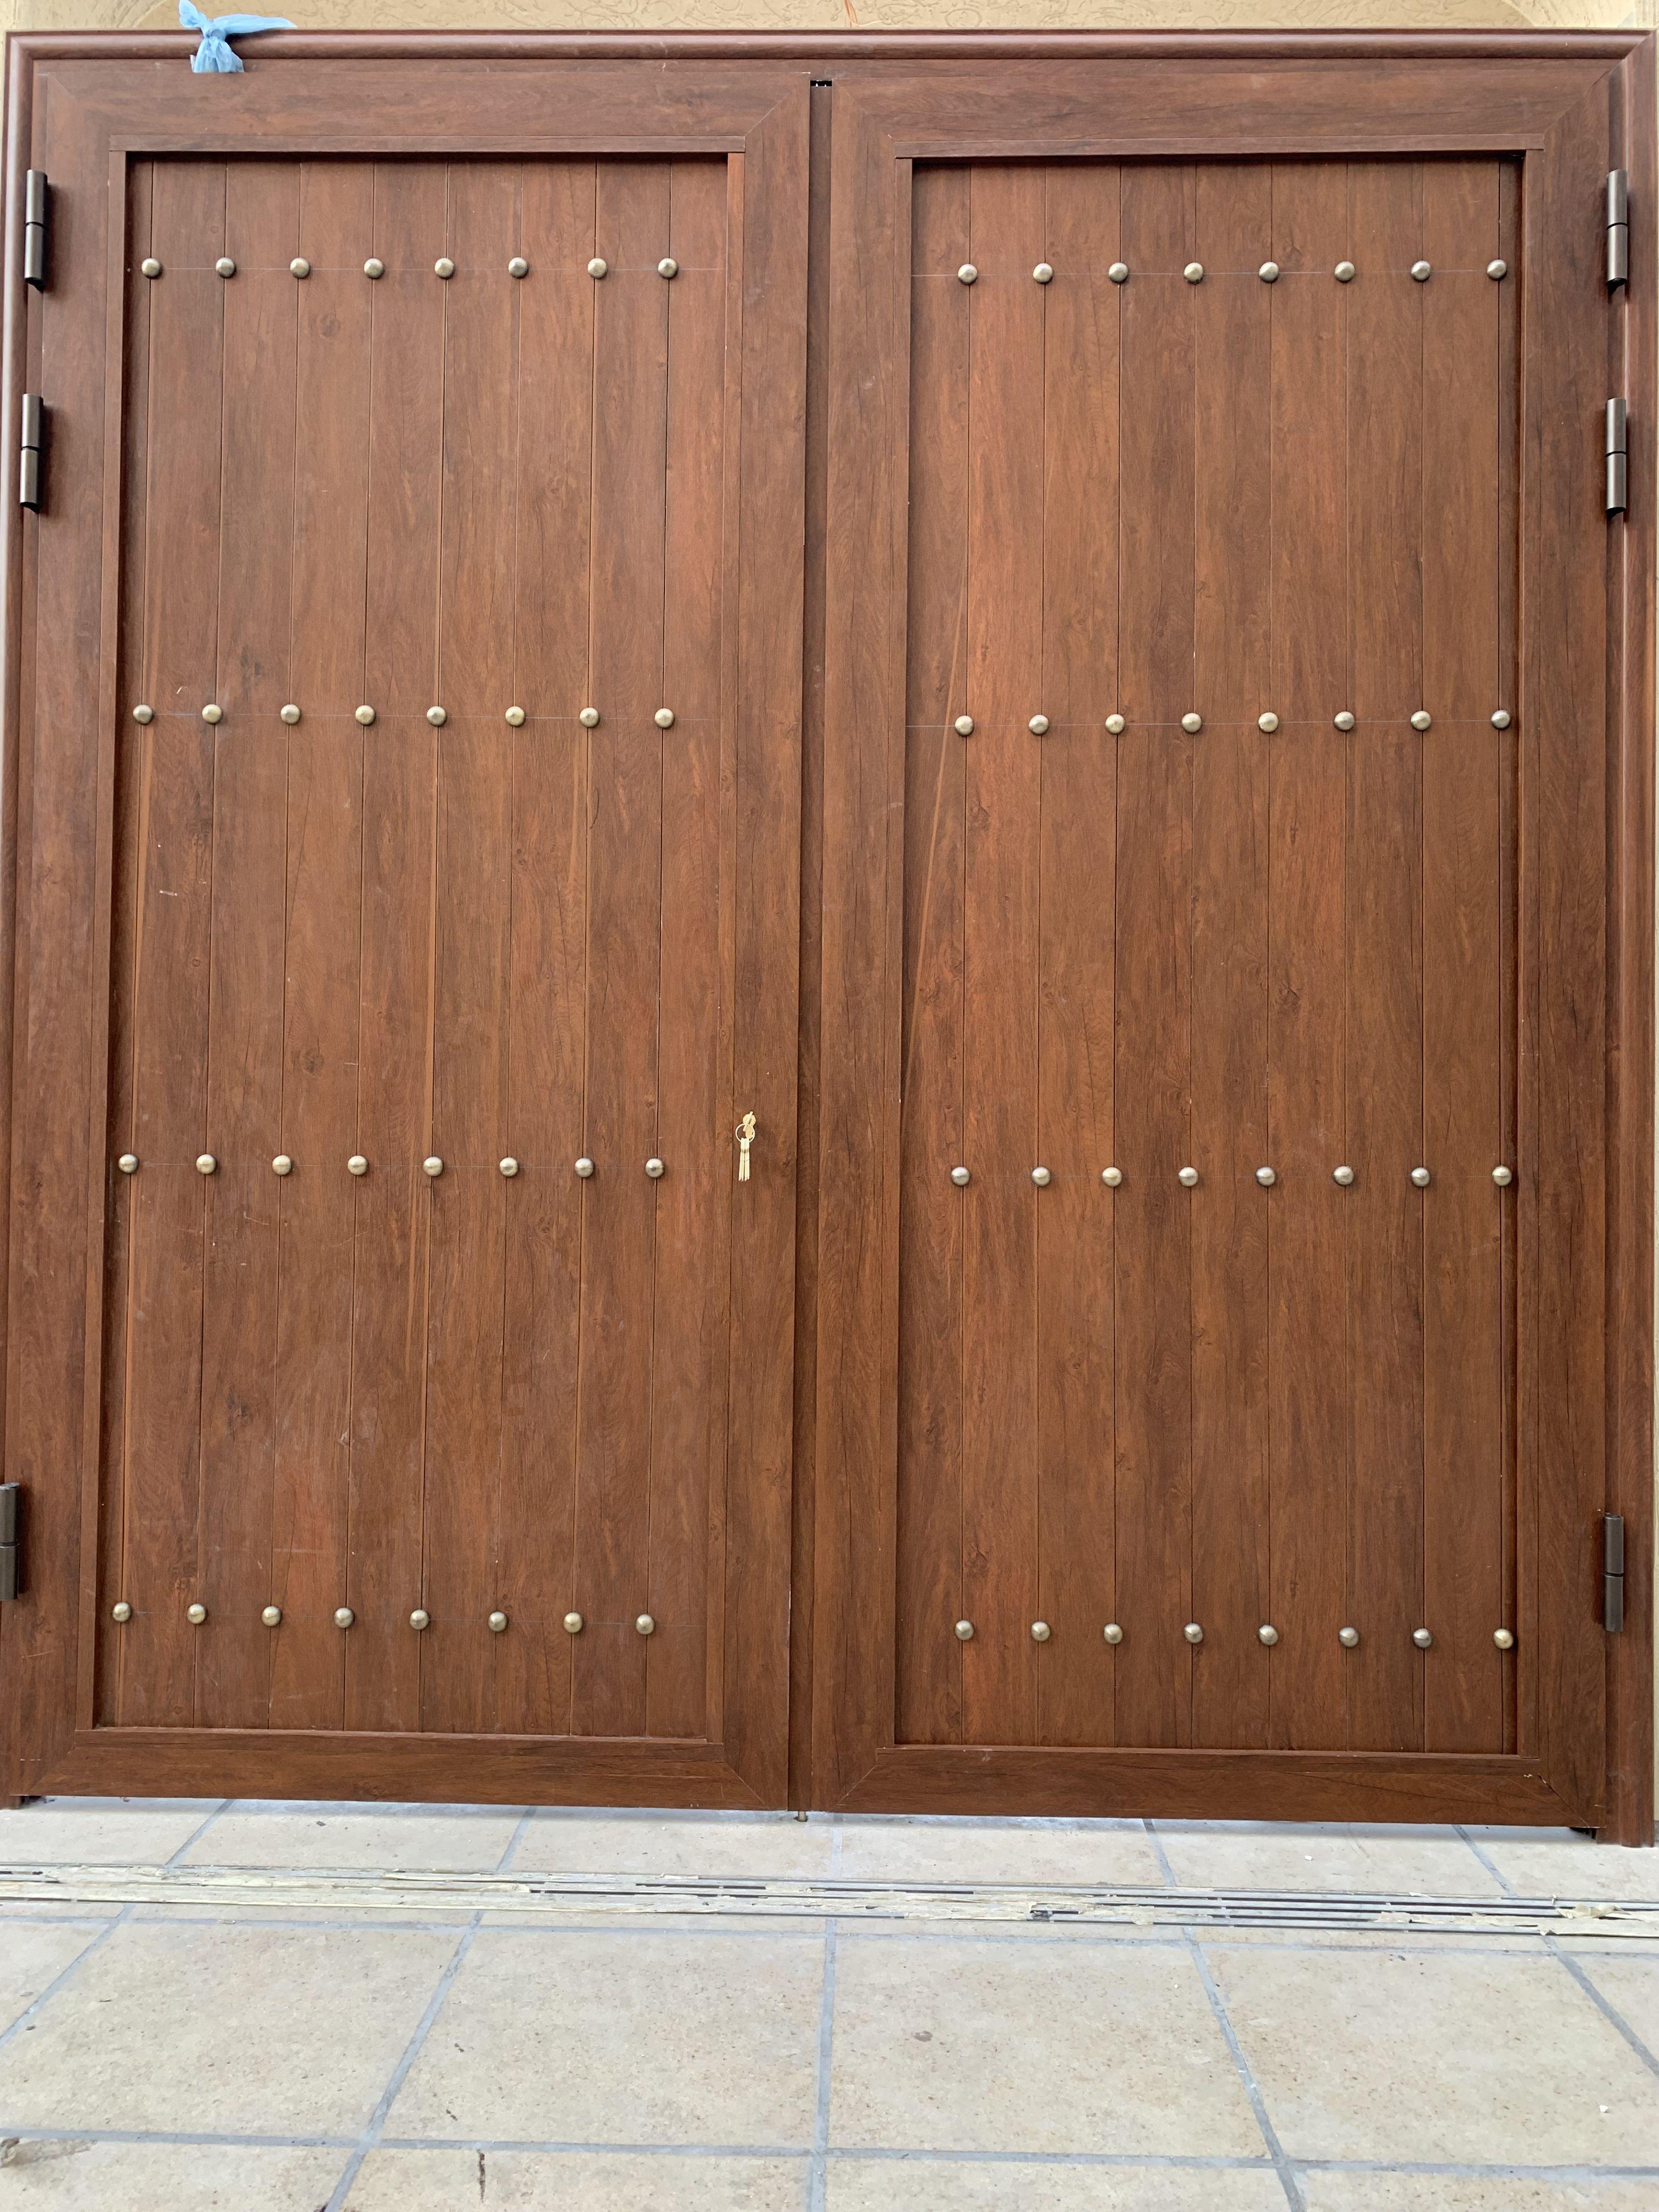 Pin By Gasc Aluminum المنيوم جاسك On ابواب مداخل المنيوم جاسك 0536852254 Home Decor Furniture Decor